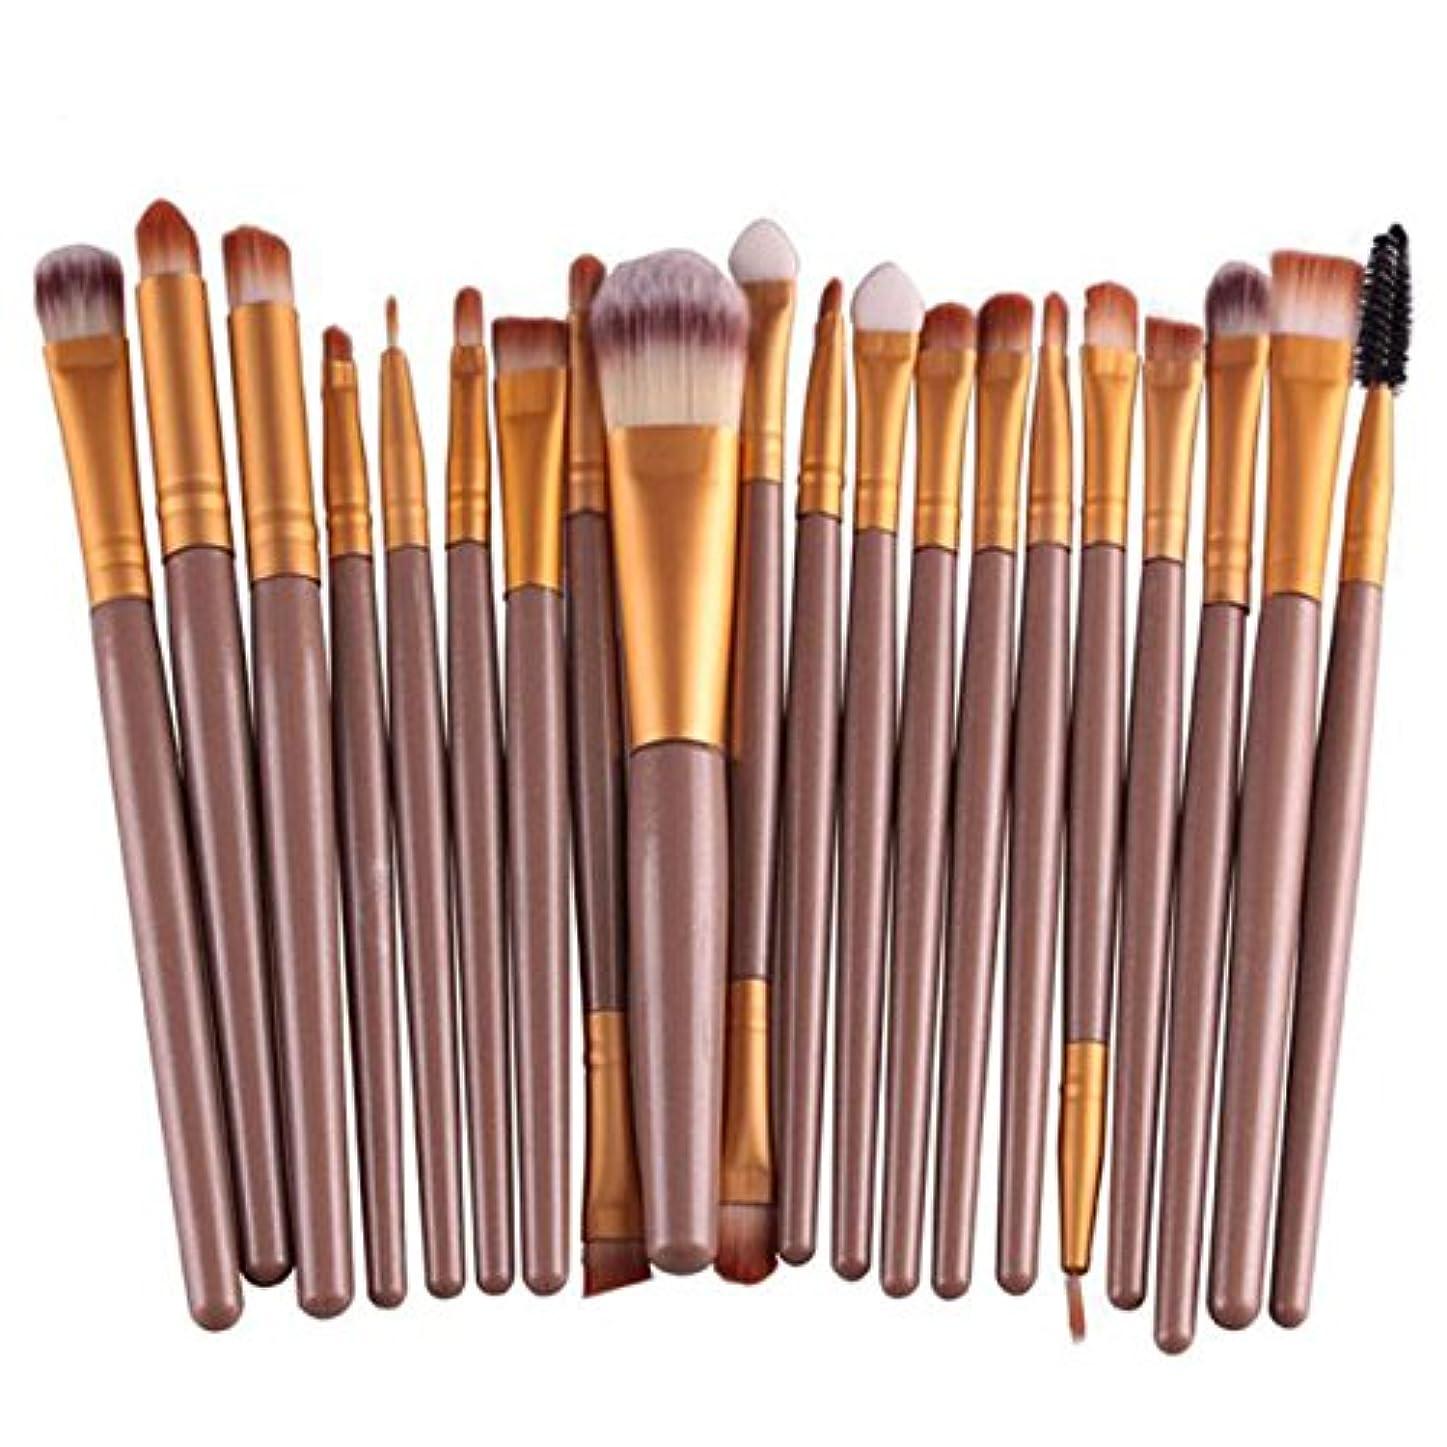 キャンパス縞模様の人差し指Professional 20pcs/set makeup brushes Foundation Powder Eyeshadow Blush Eyebrow Lip brush cosmetic tools maquiagem